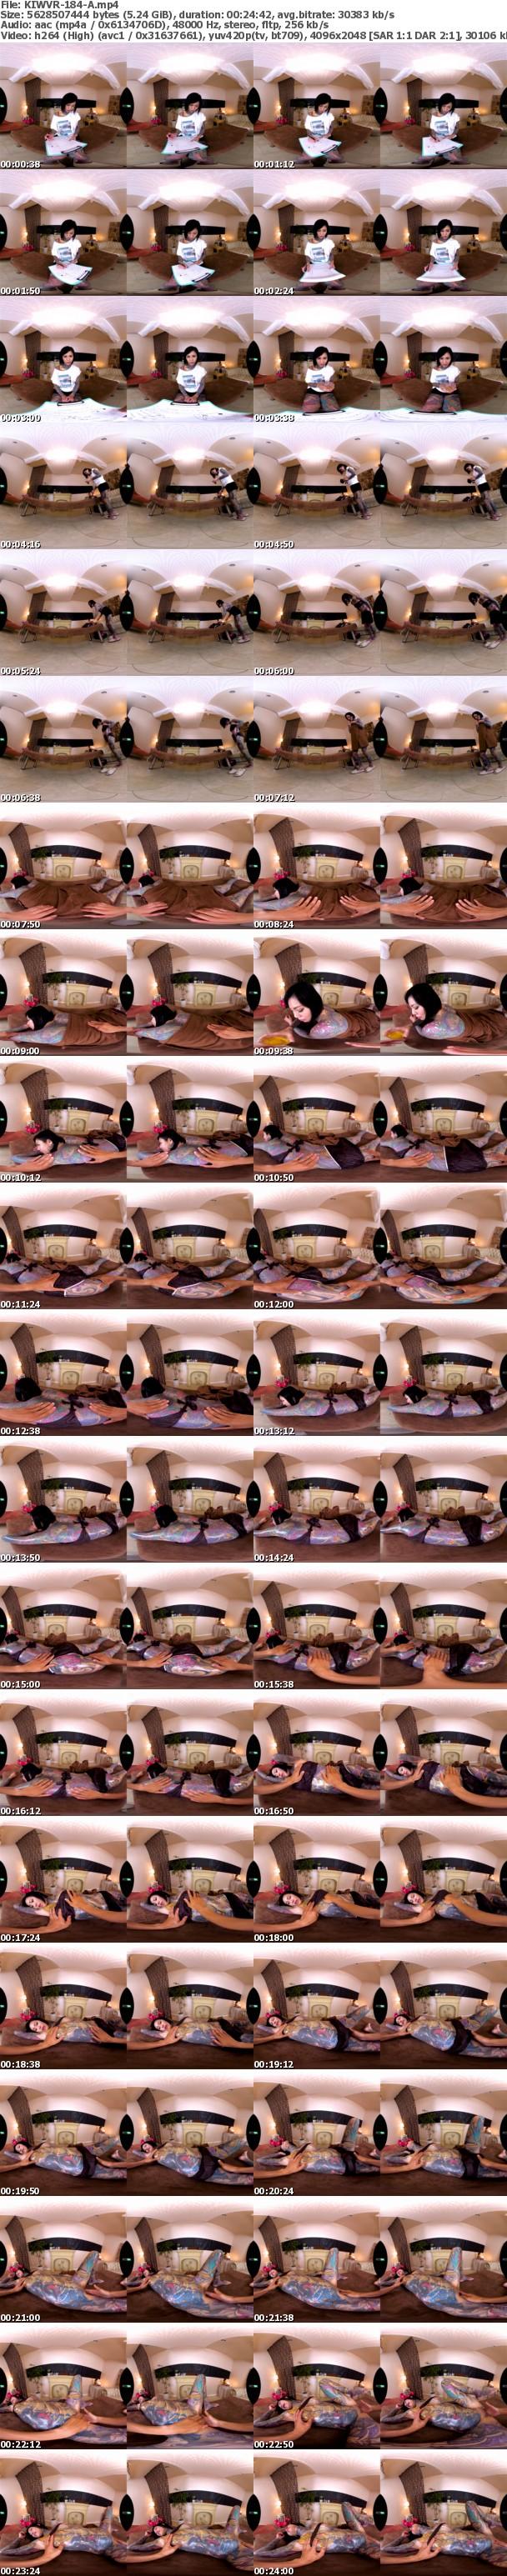 (VR) KIWVR-184 悪徳オイルエステ店~タトゥー【TATTOO】びっしり美女に【媚薬】を飲ませて好き勝手ヤリまくり!「おチ○ポ欲しい…」と濃厚フェラでオネダリしてきたので生マ○コを激突き【キメパコ】してやった! 桜雅凛